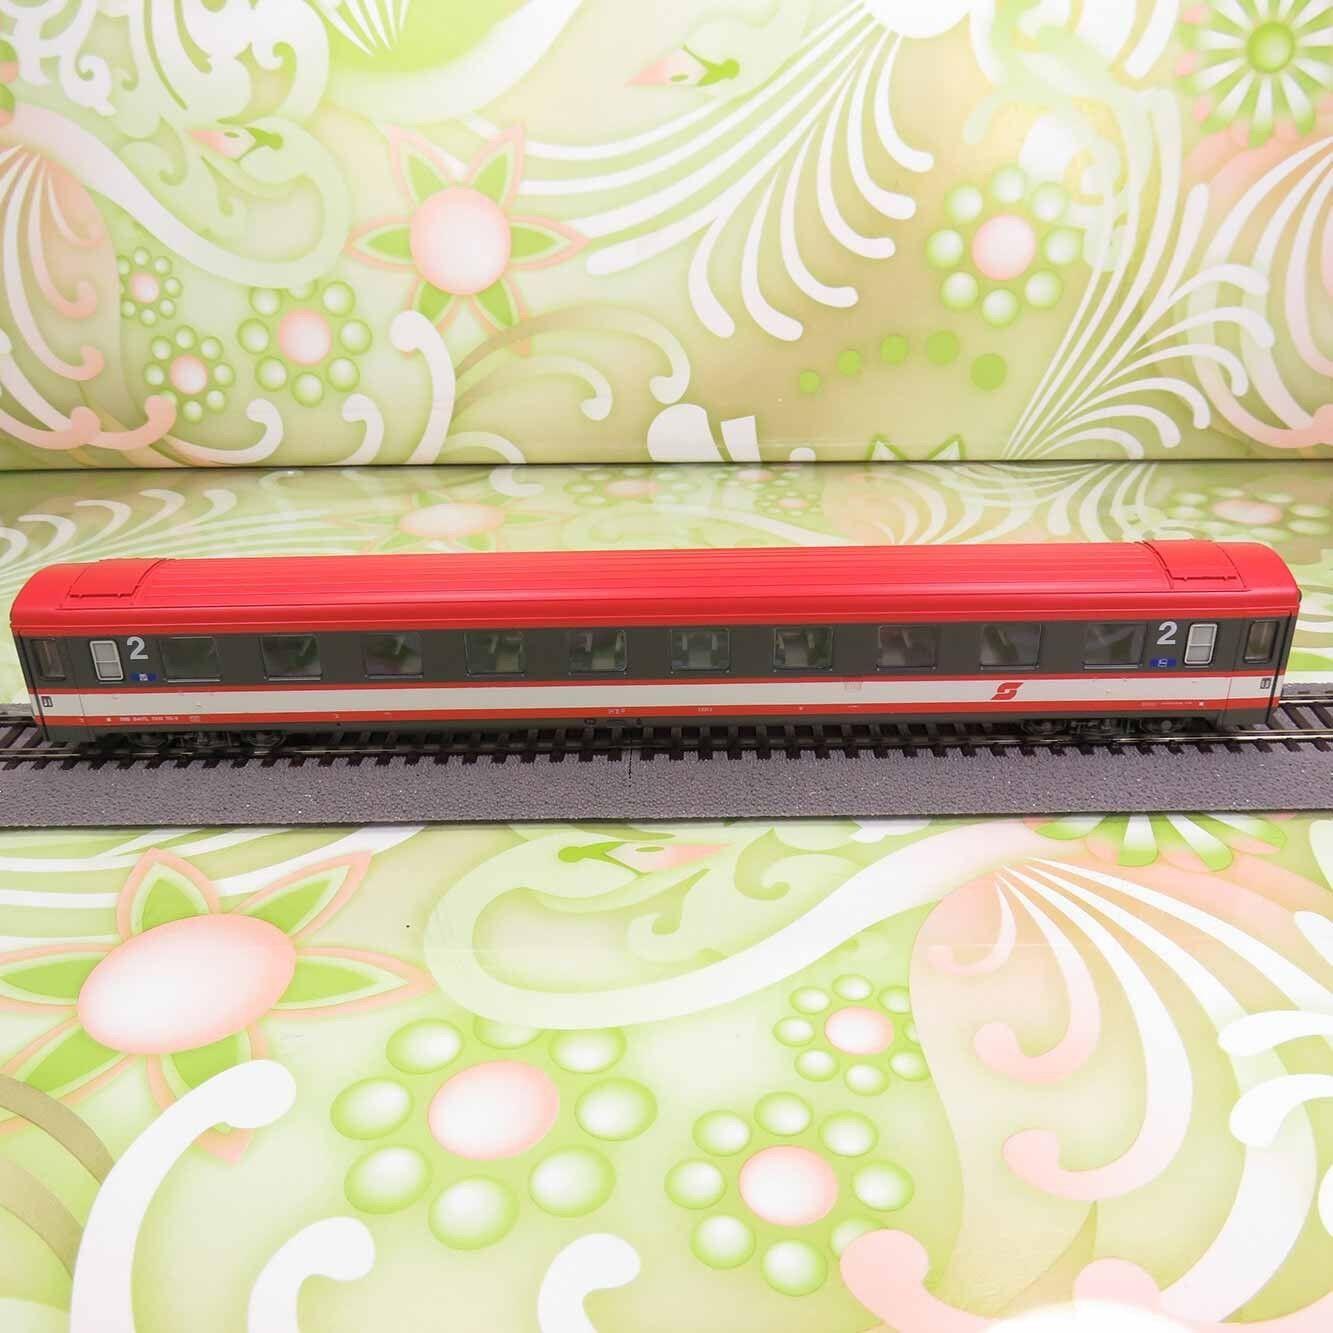 ROCO 43060 - H0 - Personenwagen - ÖBB - 2. Klasse -  G11518